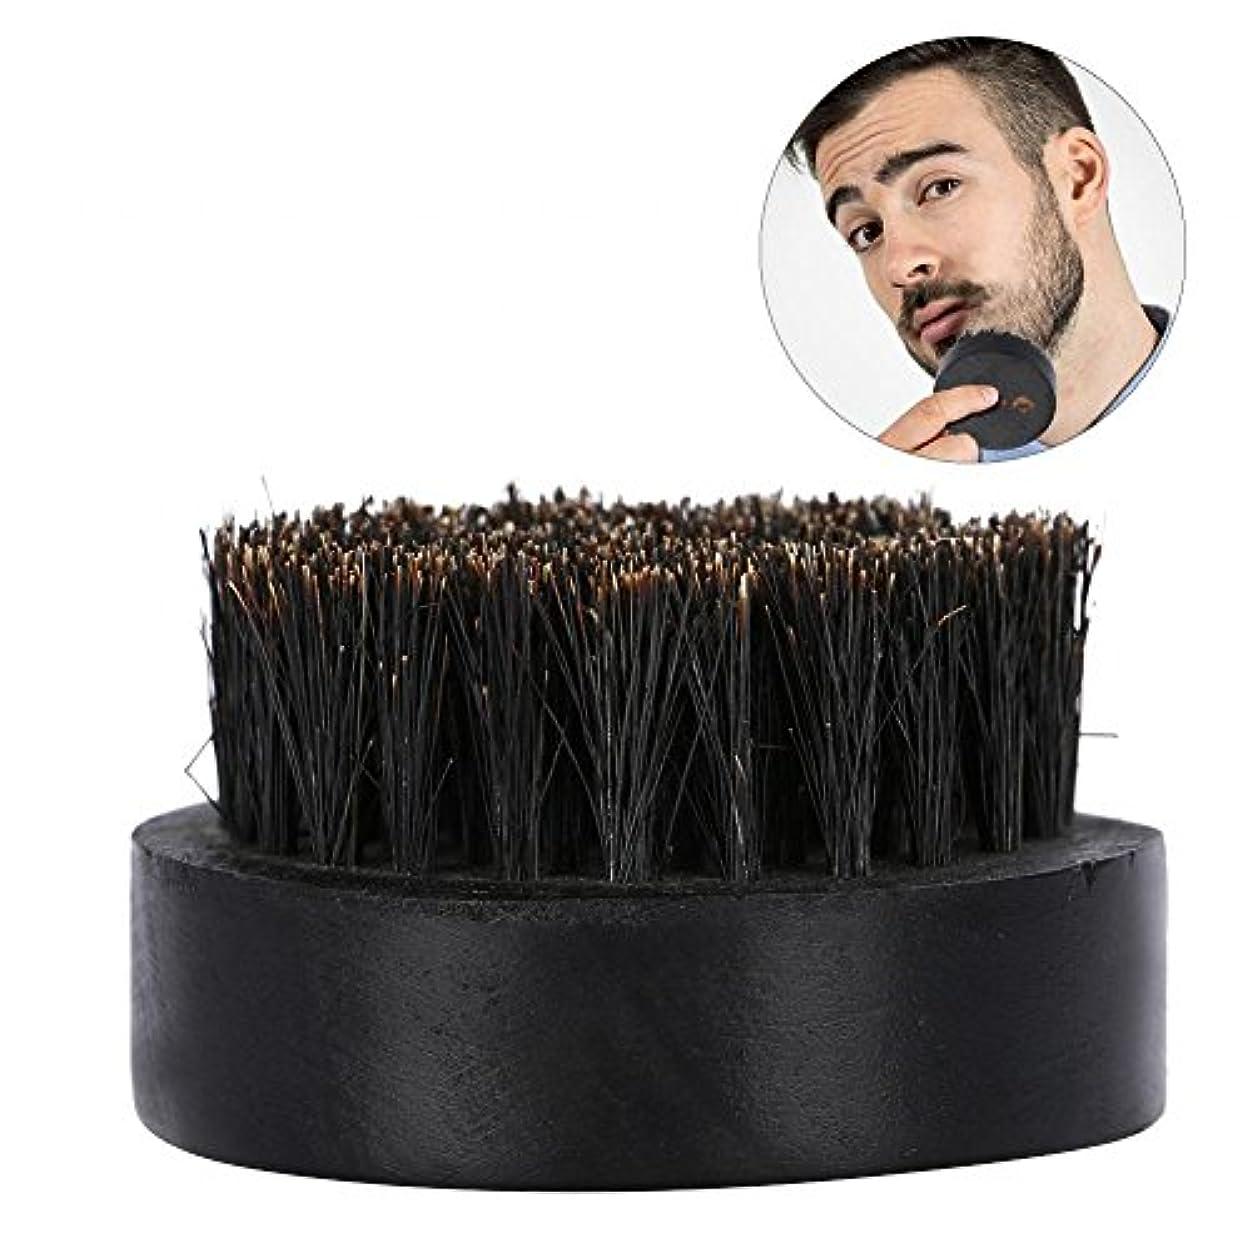 正当化する侵入する密度ひげブラシ、シェービングブラシメンズひげグルーミングキット理髪ブラシ口ひげクリーニングブラシヘアシェービングキット